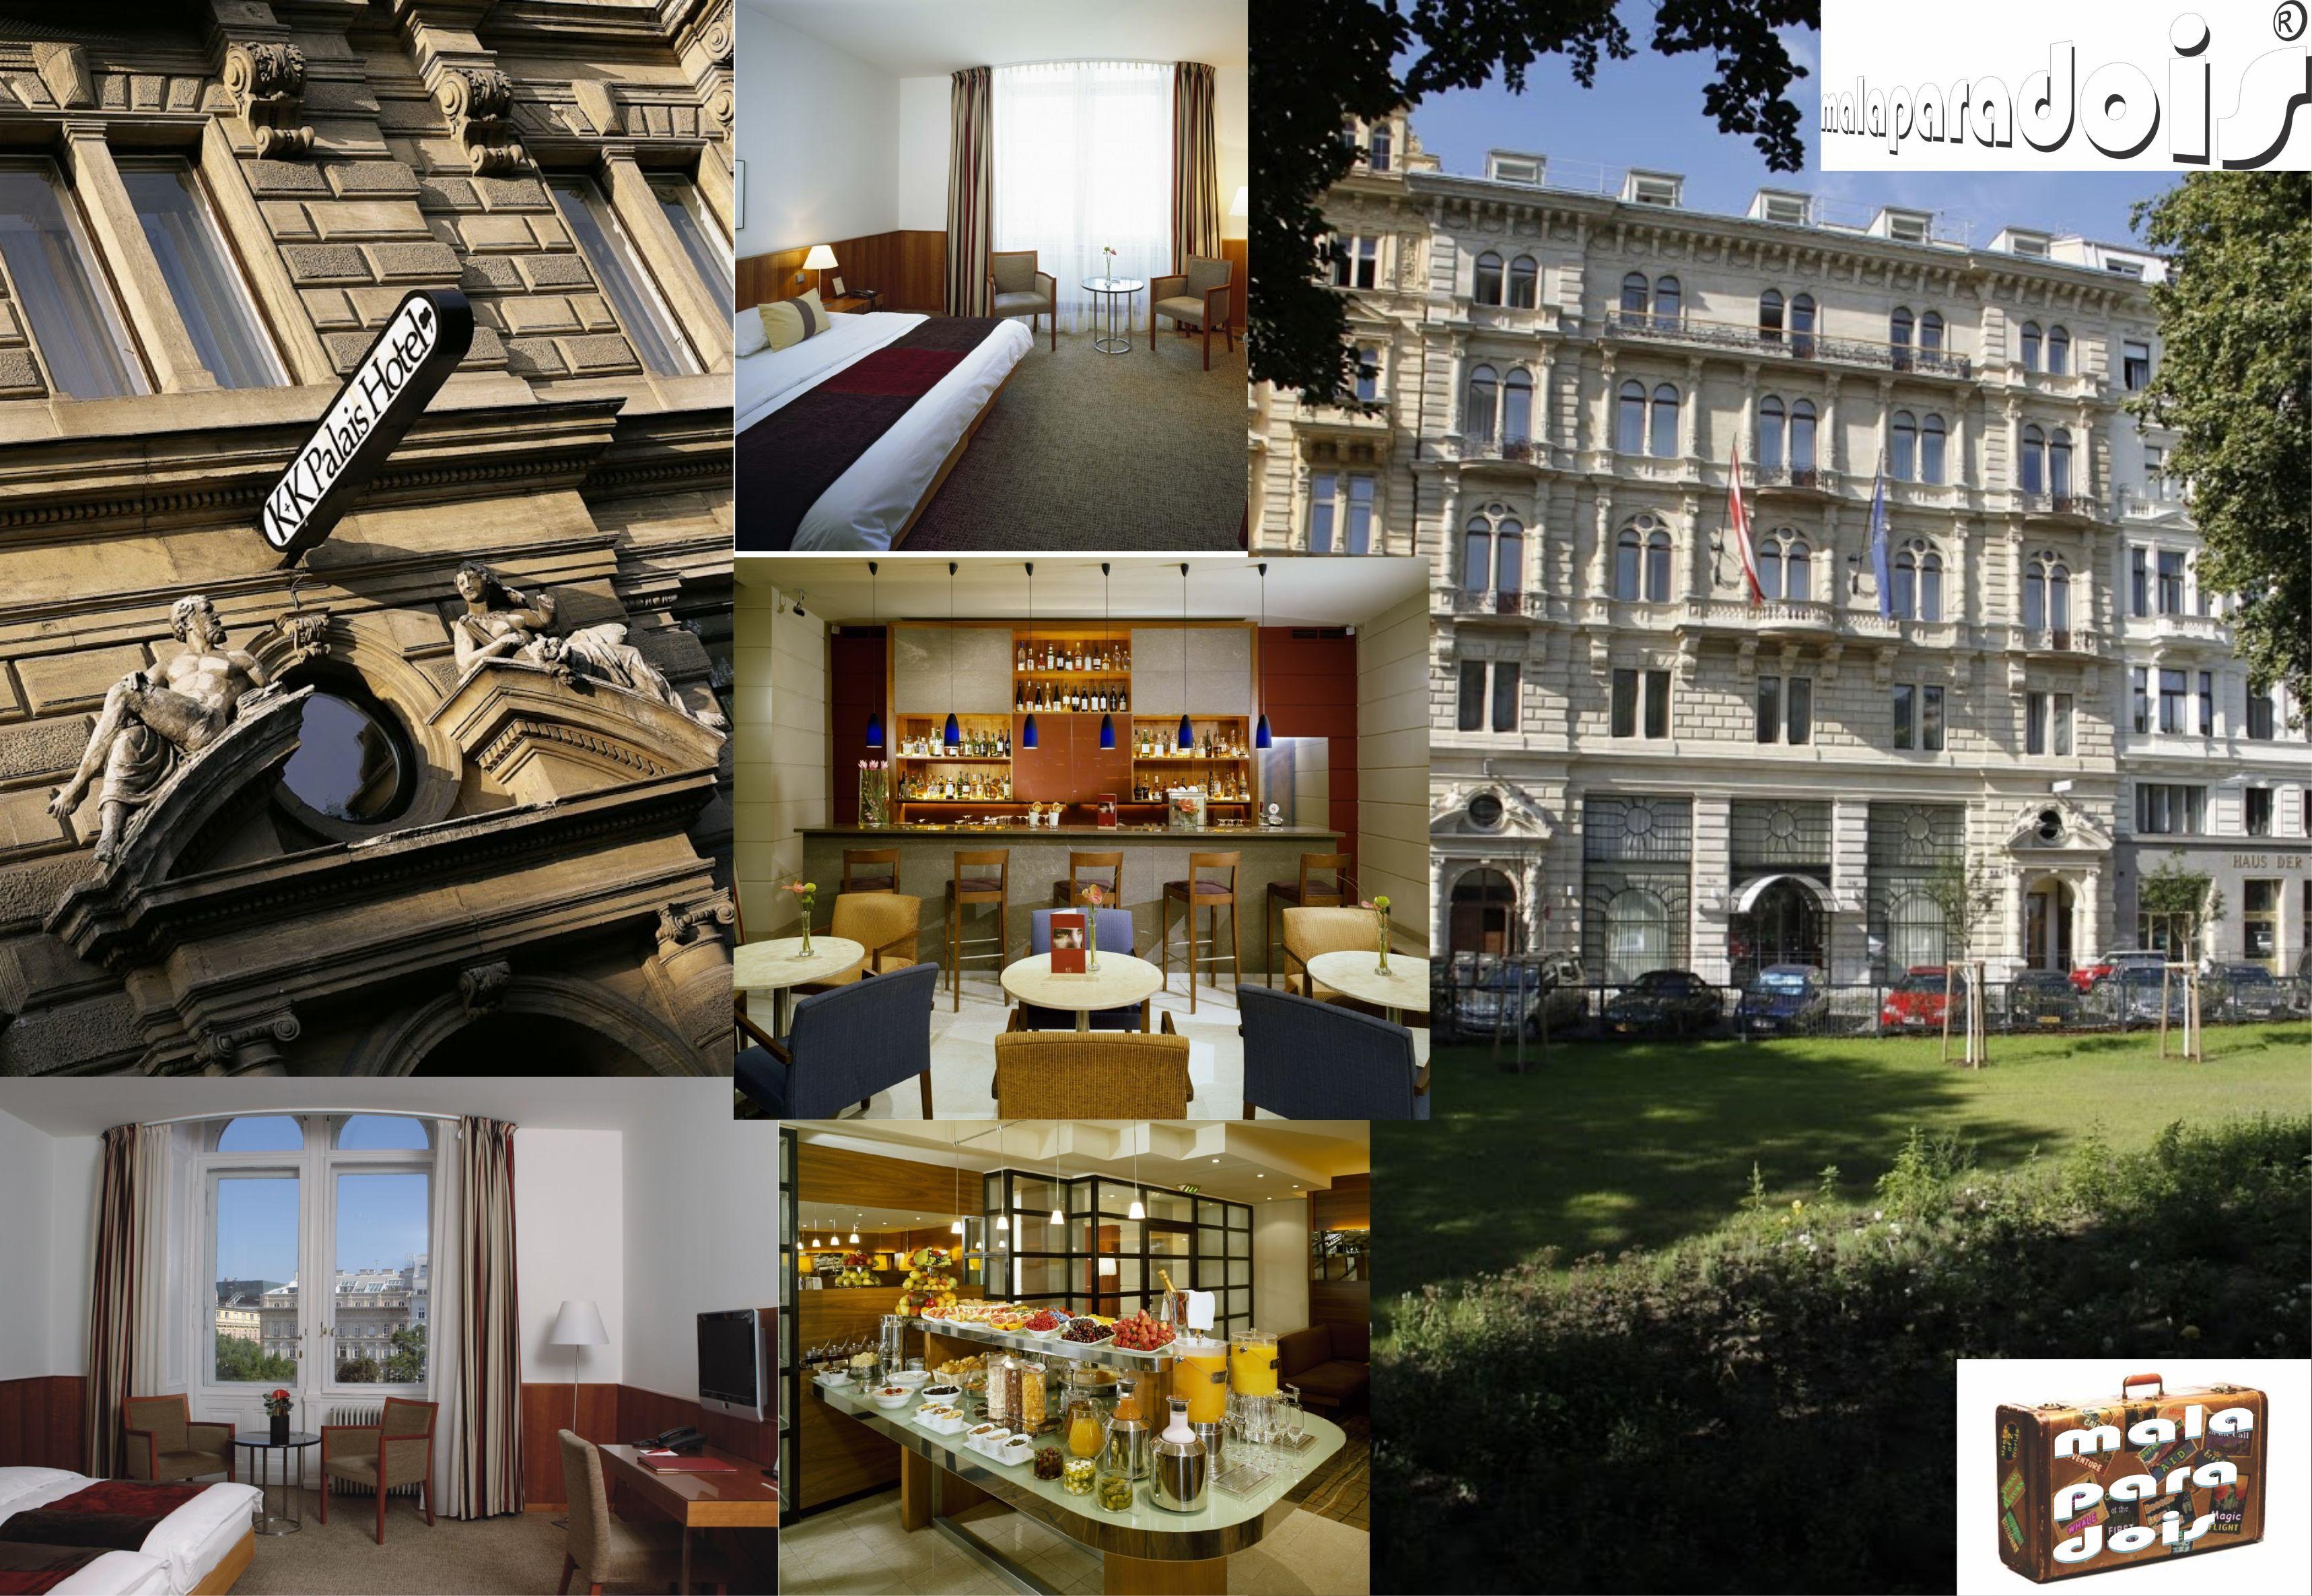 KK Hotels Viena - Austria